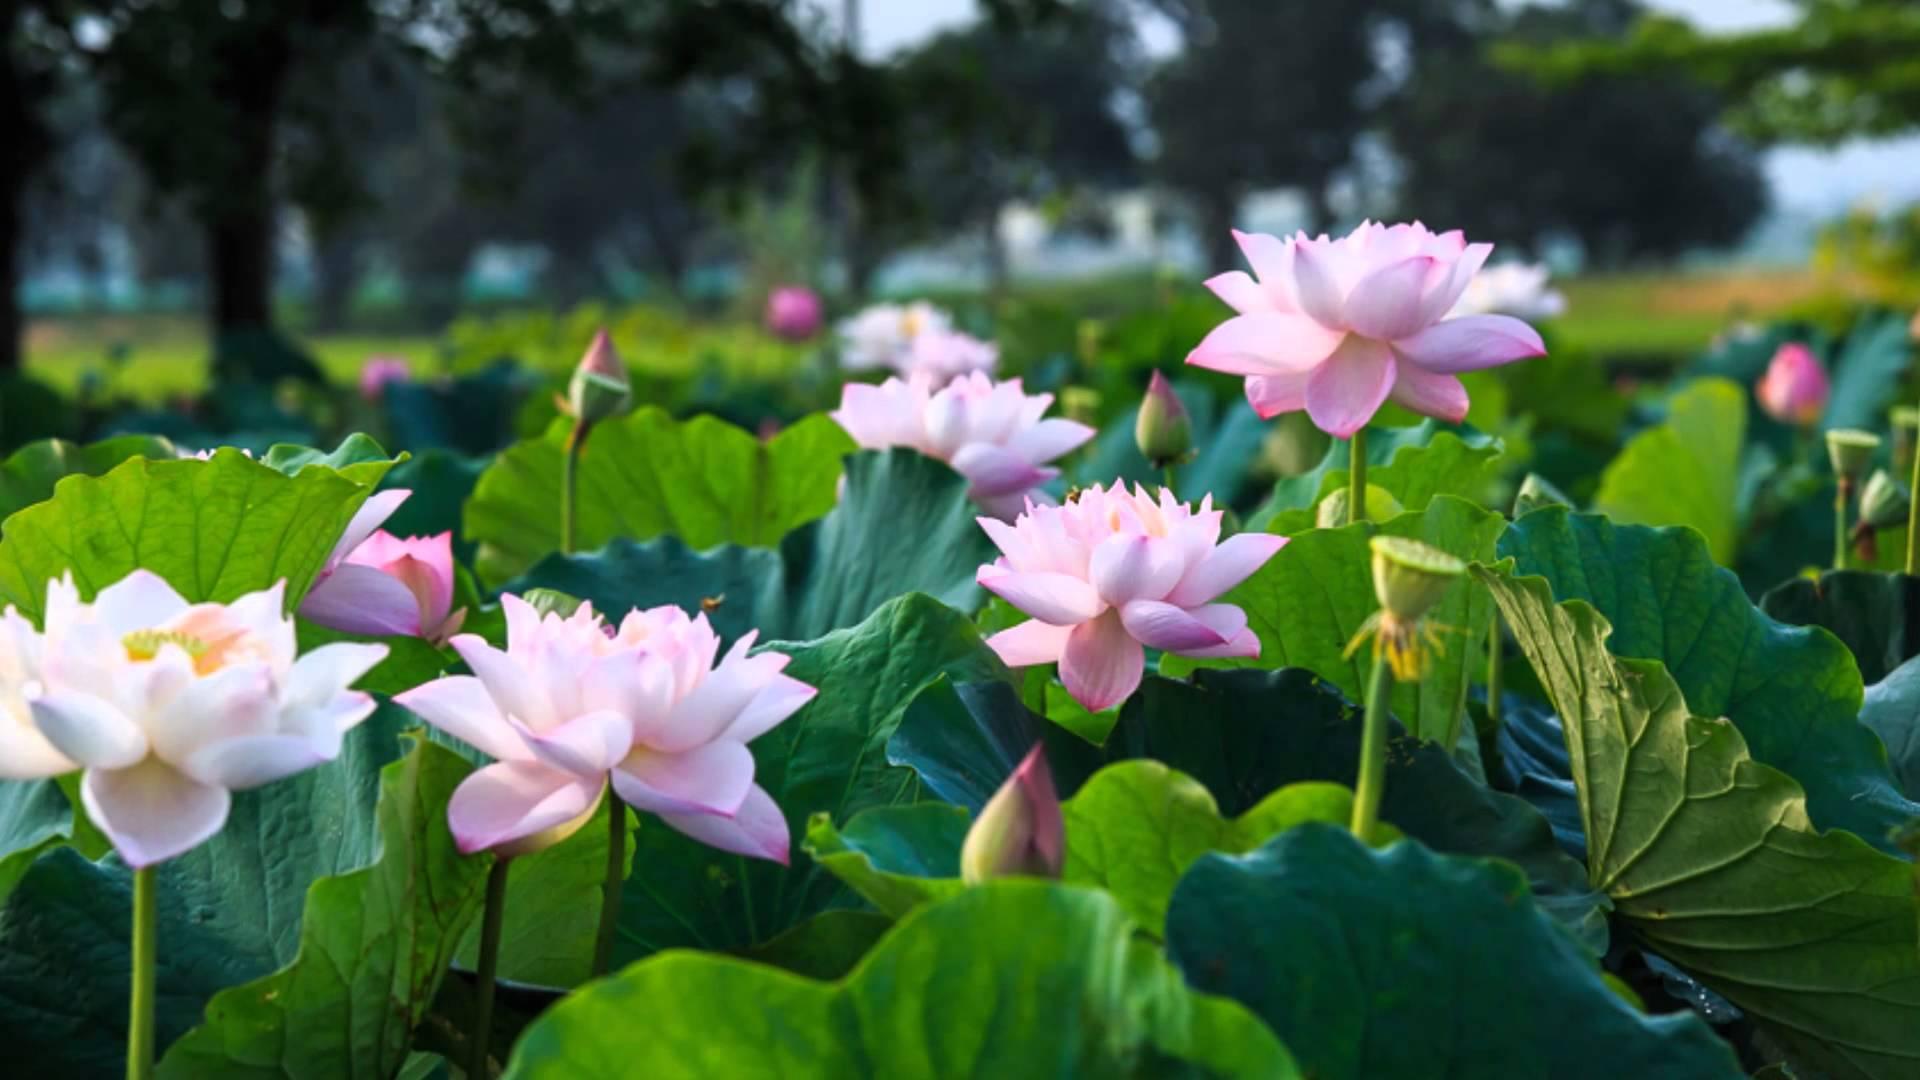 Hoa sen nở rộ dưới ánh nắng ấm